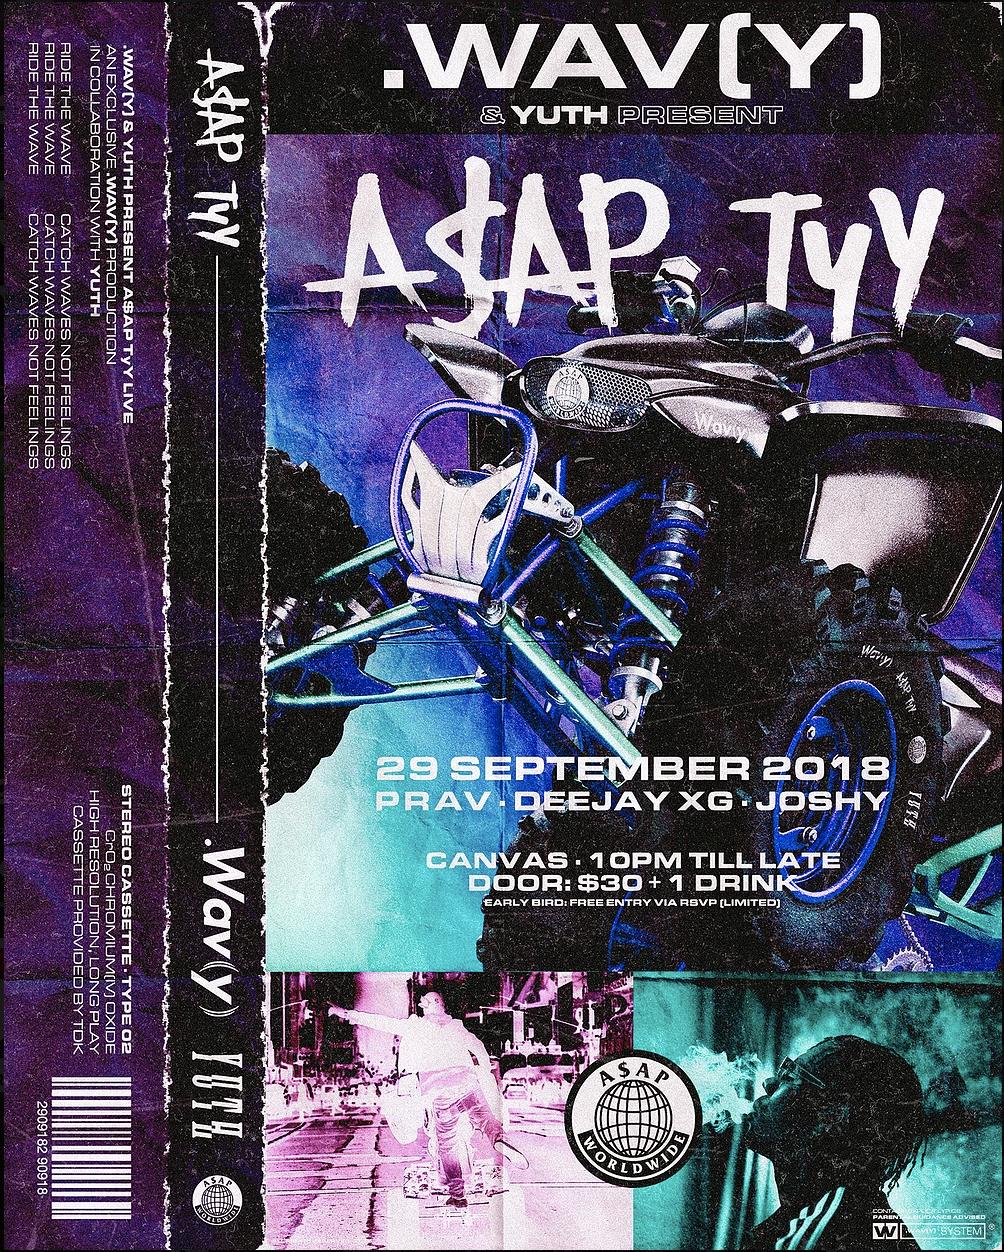 A$AP TyY X YUTH & .WAV(Y)